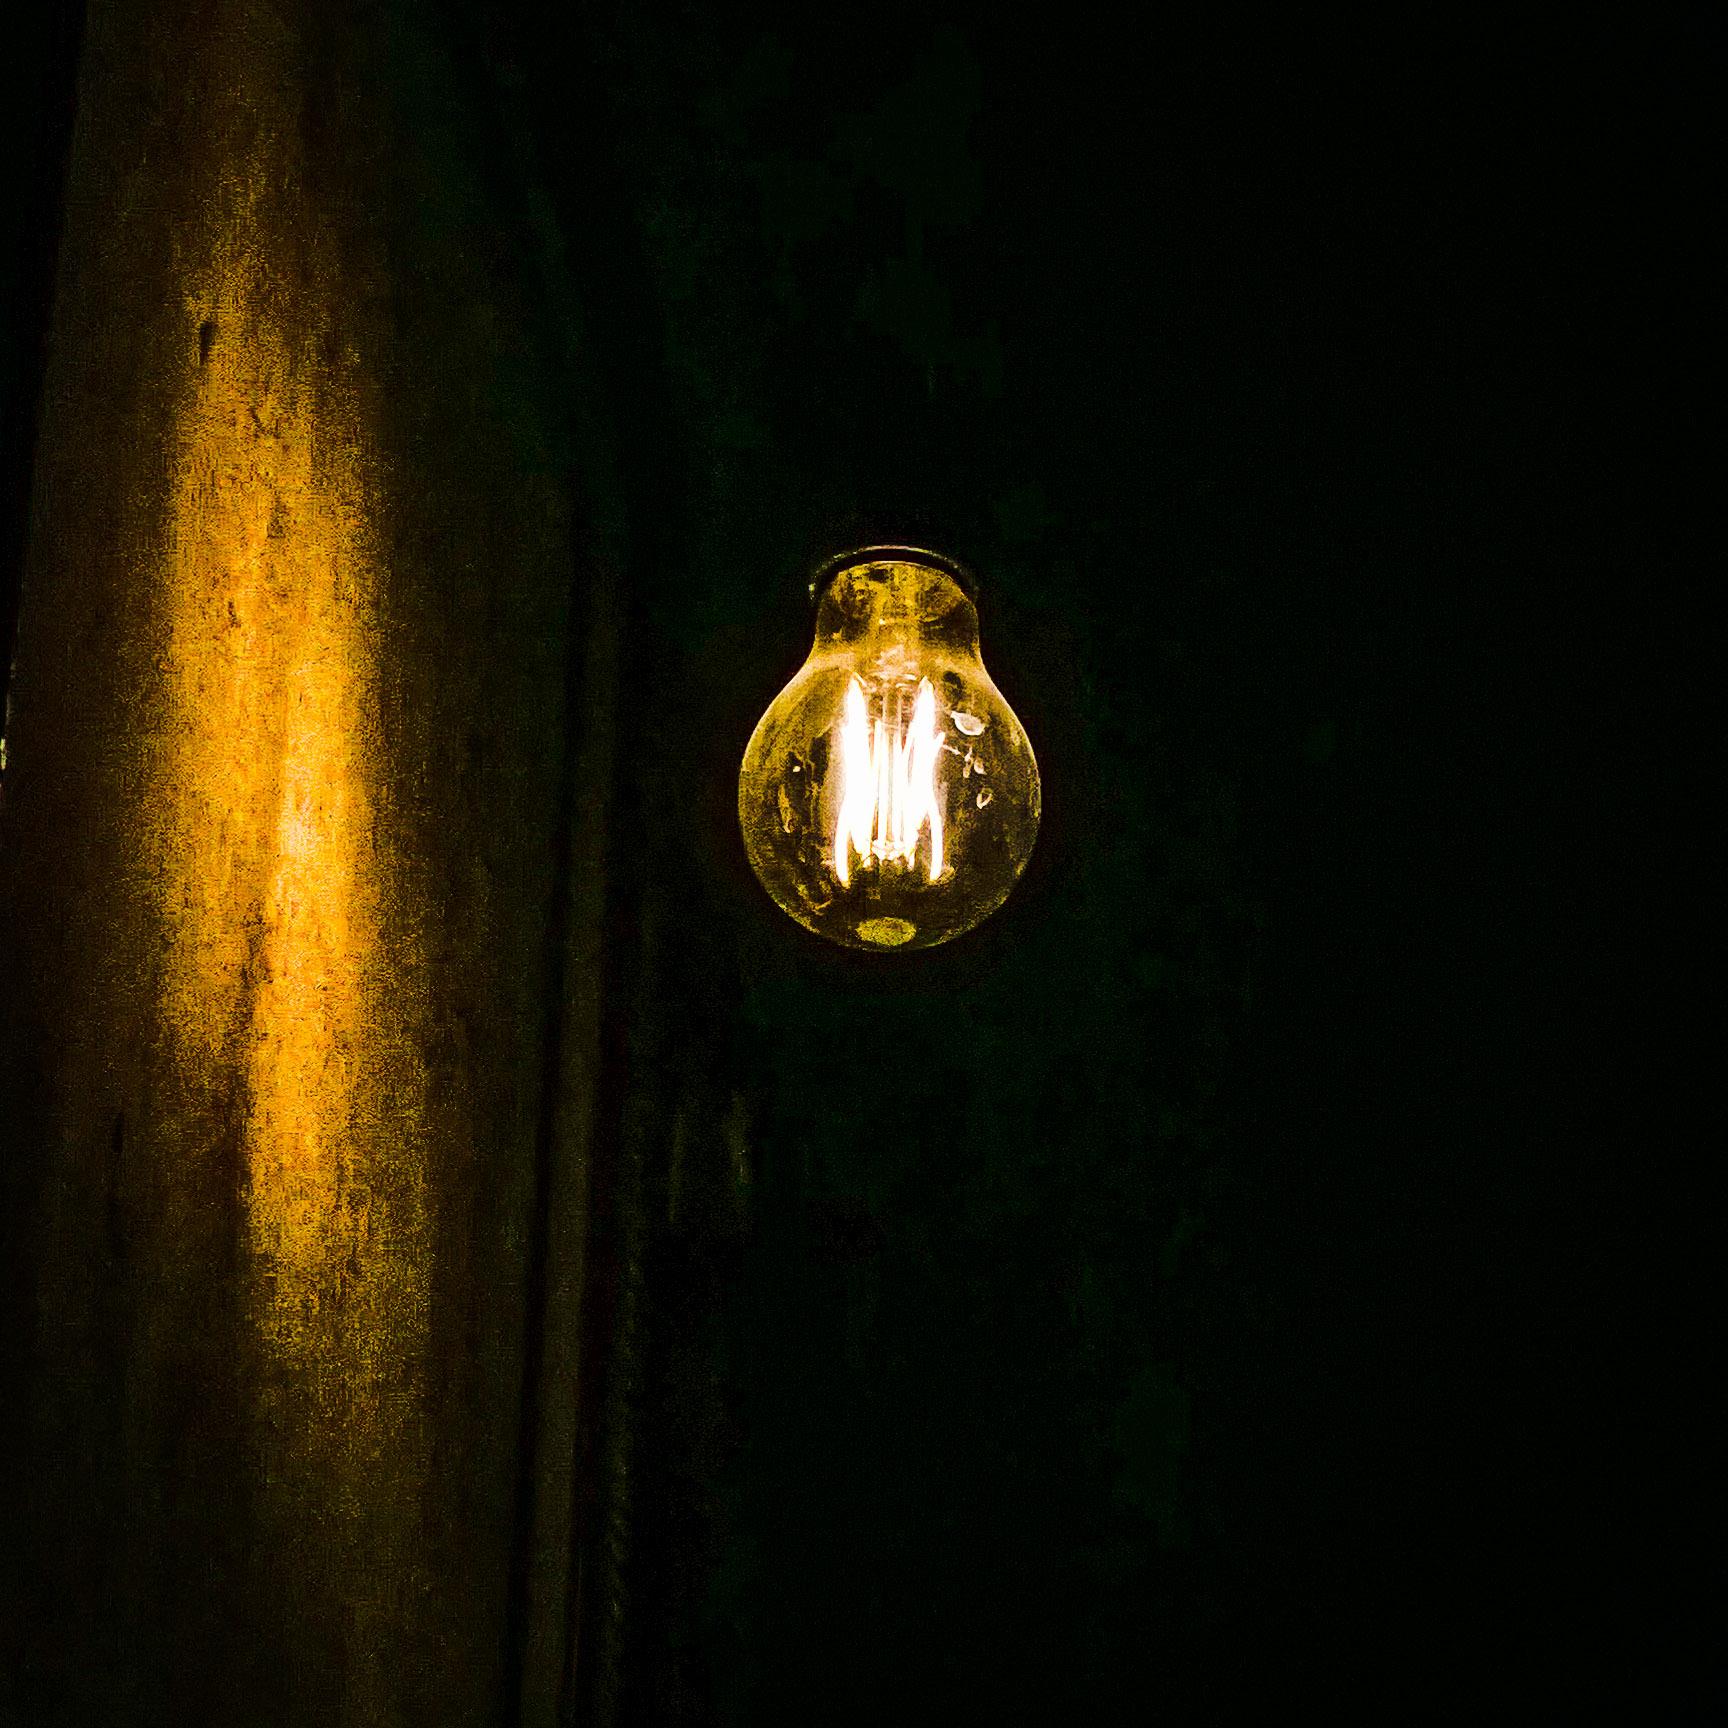 light-up_16677227792_o.jpg